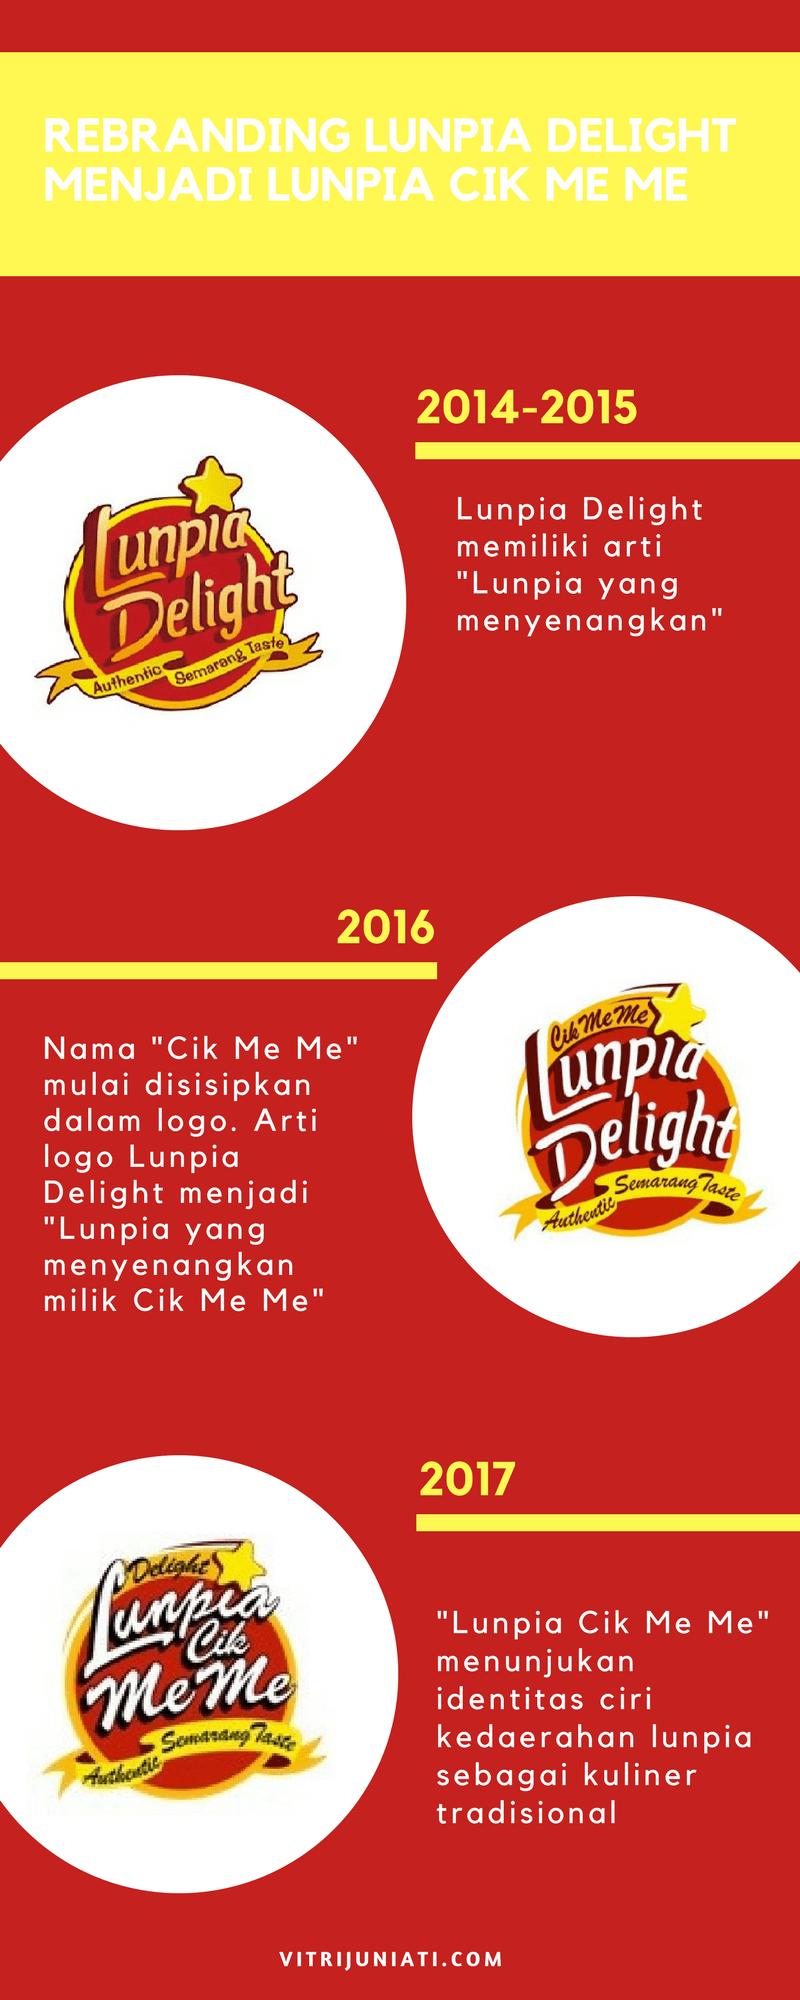 Rebranding Lunpia Delight menjadi Lunpia Cik Me Me